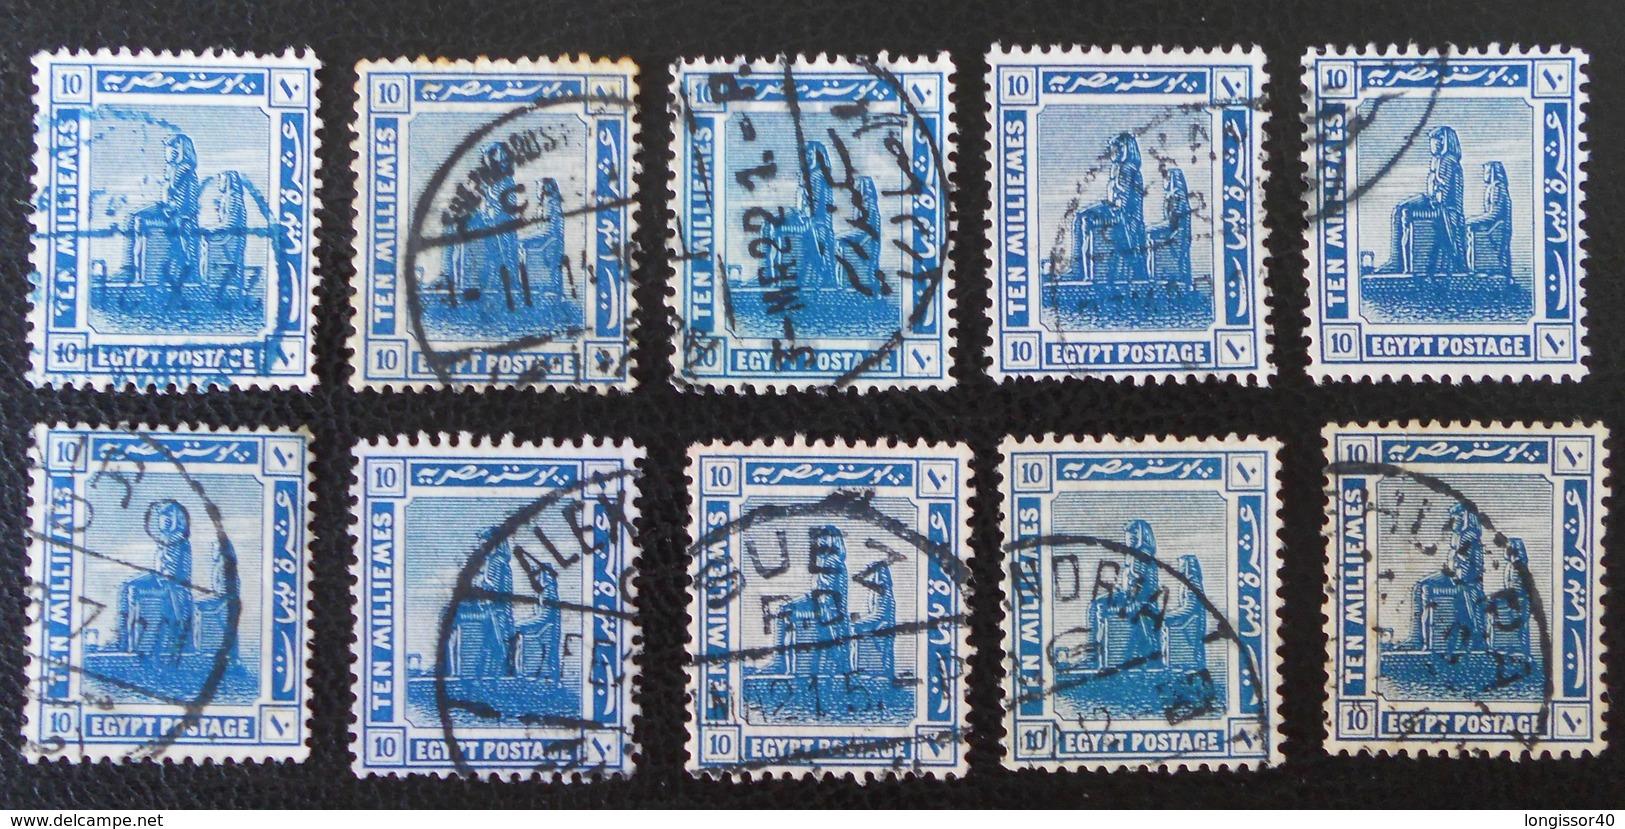 PROTECTORAT BRITANNIQUE - COLOSSE DE MENNON 1922 - OBLITERES - YT 62 - VARIETES DE TEINTES ET D'OBLITERATIONS - 1915-1921 Protectorat Britannique